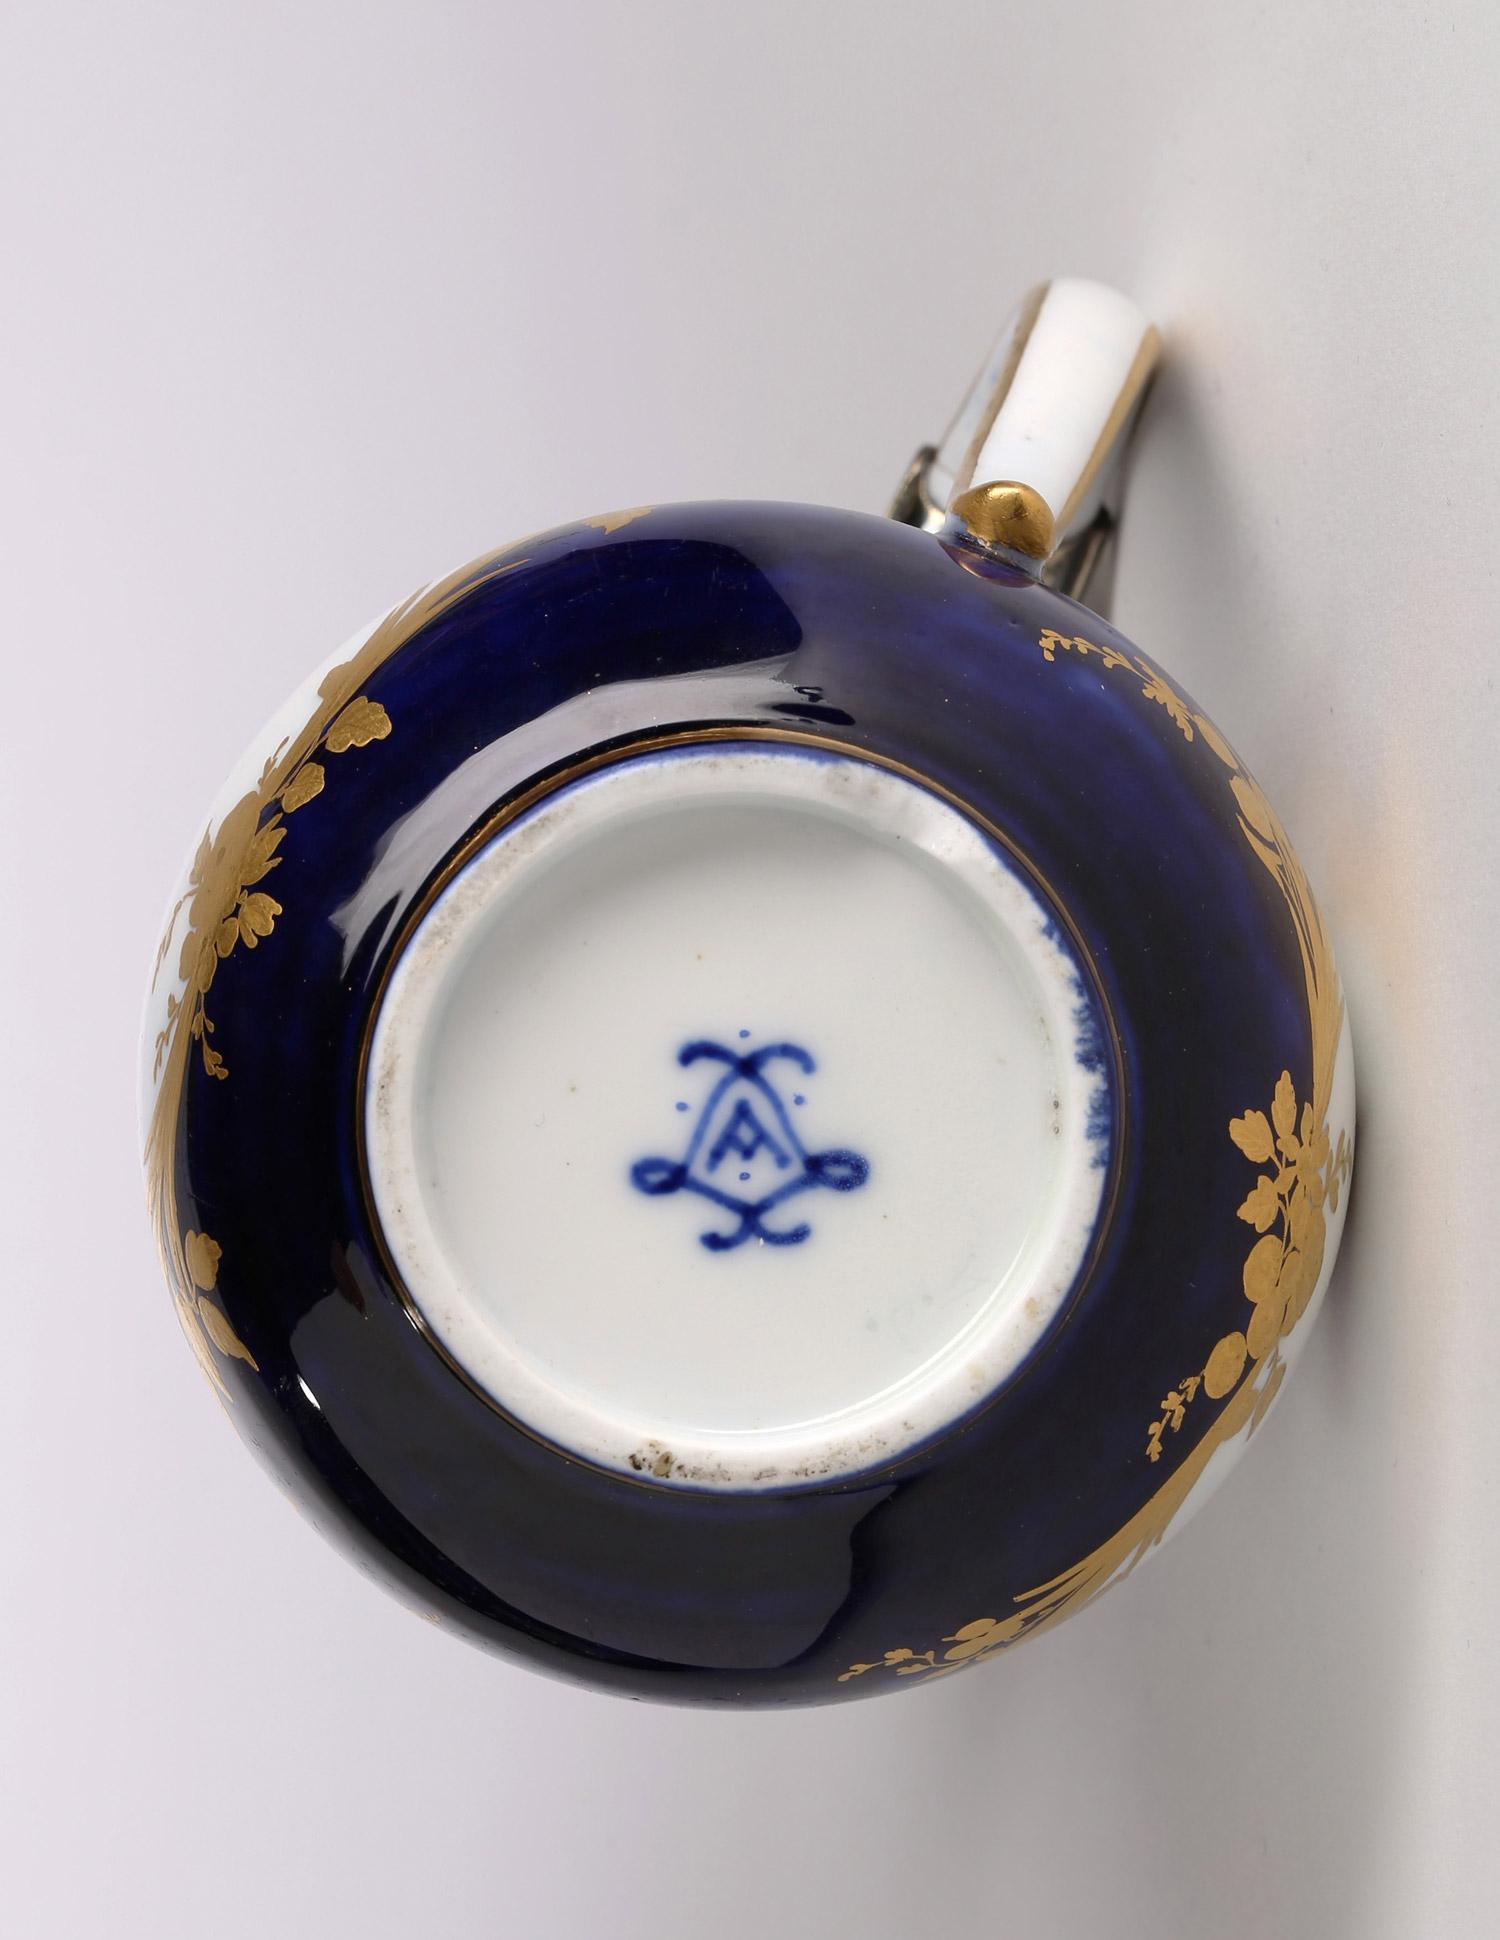 Detail, ewer and cover, pot à l'eau tourney, second size, bleu lapis ground, 1754, silver-gilt mounts. (Private Collection)